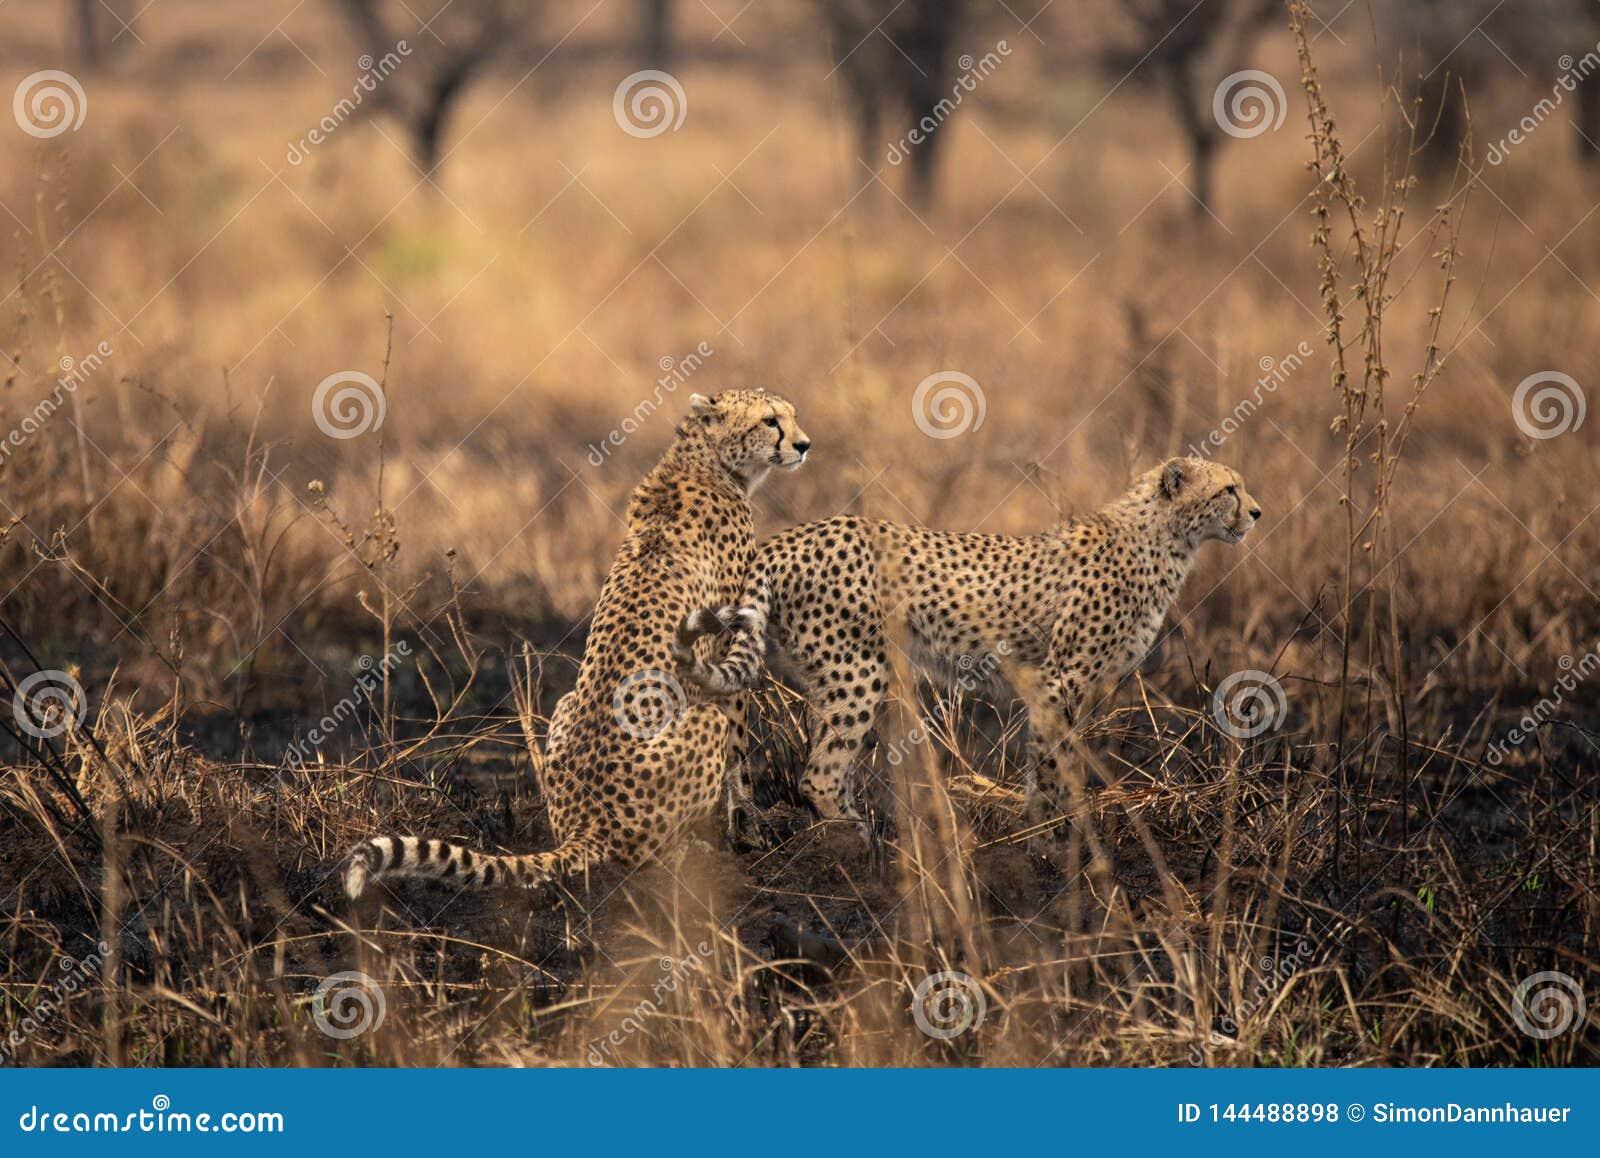 在非洲大草原的猎豹 在塞伦盖蒂国家公园,坦桑尼亚大草原的徒步旅行队  接近马赛马拉,肯尼亚 ?